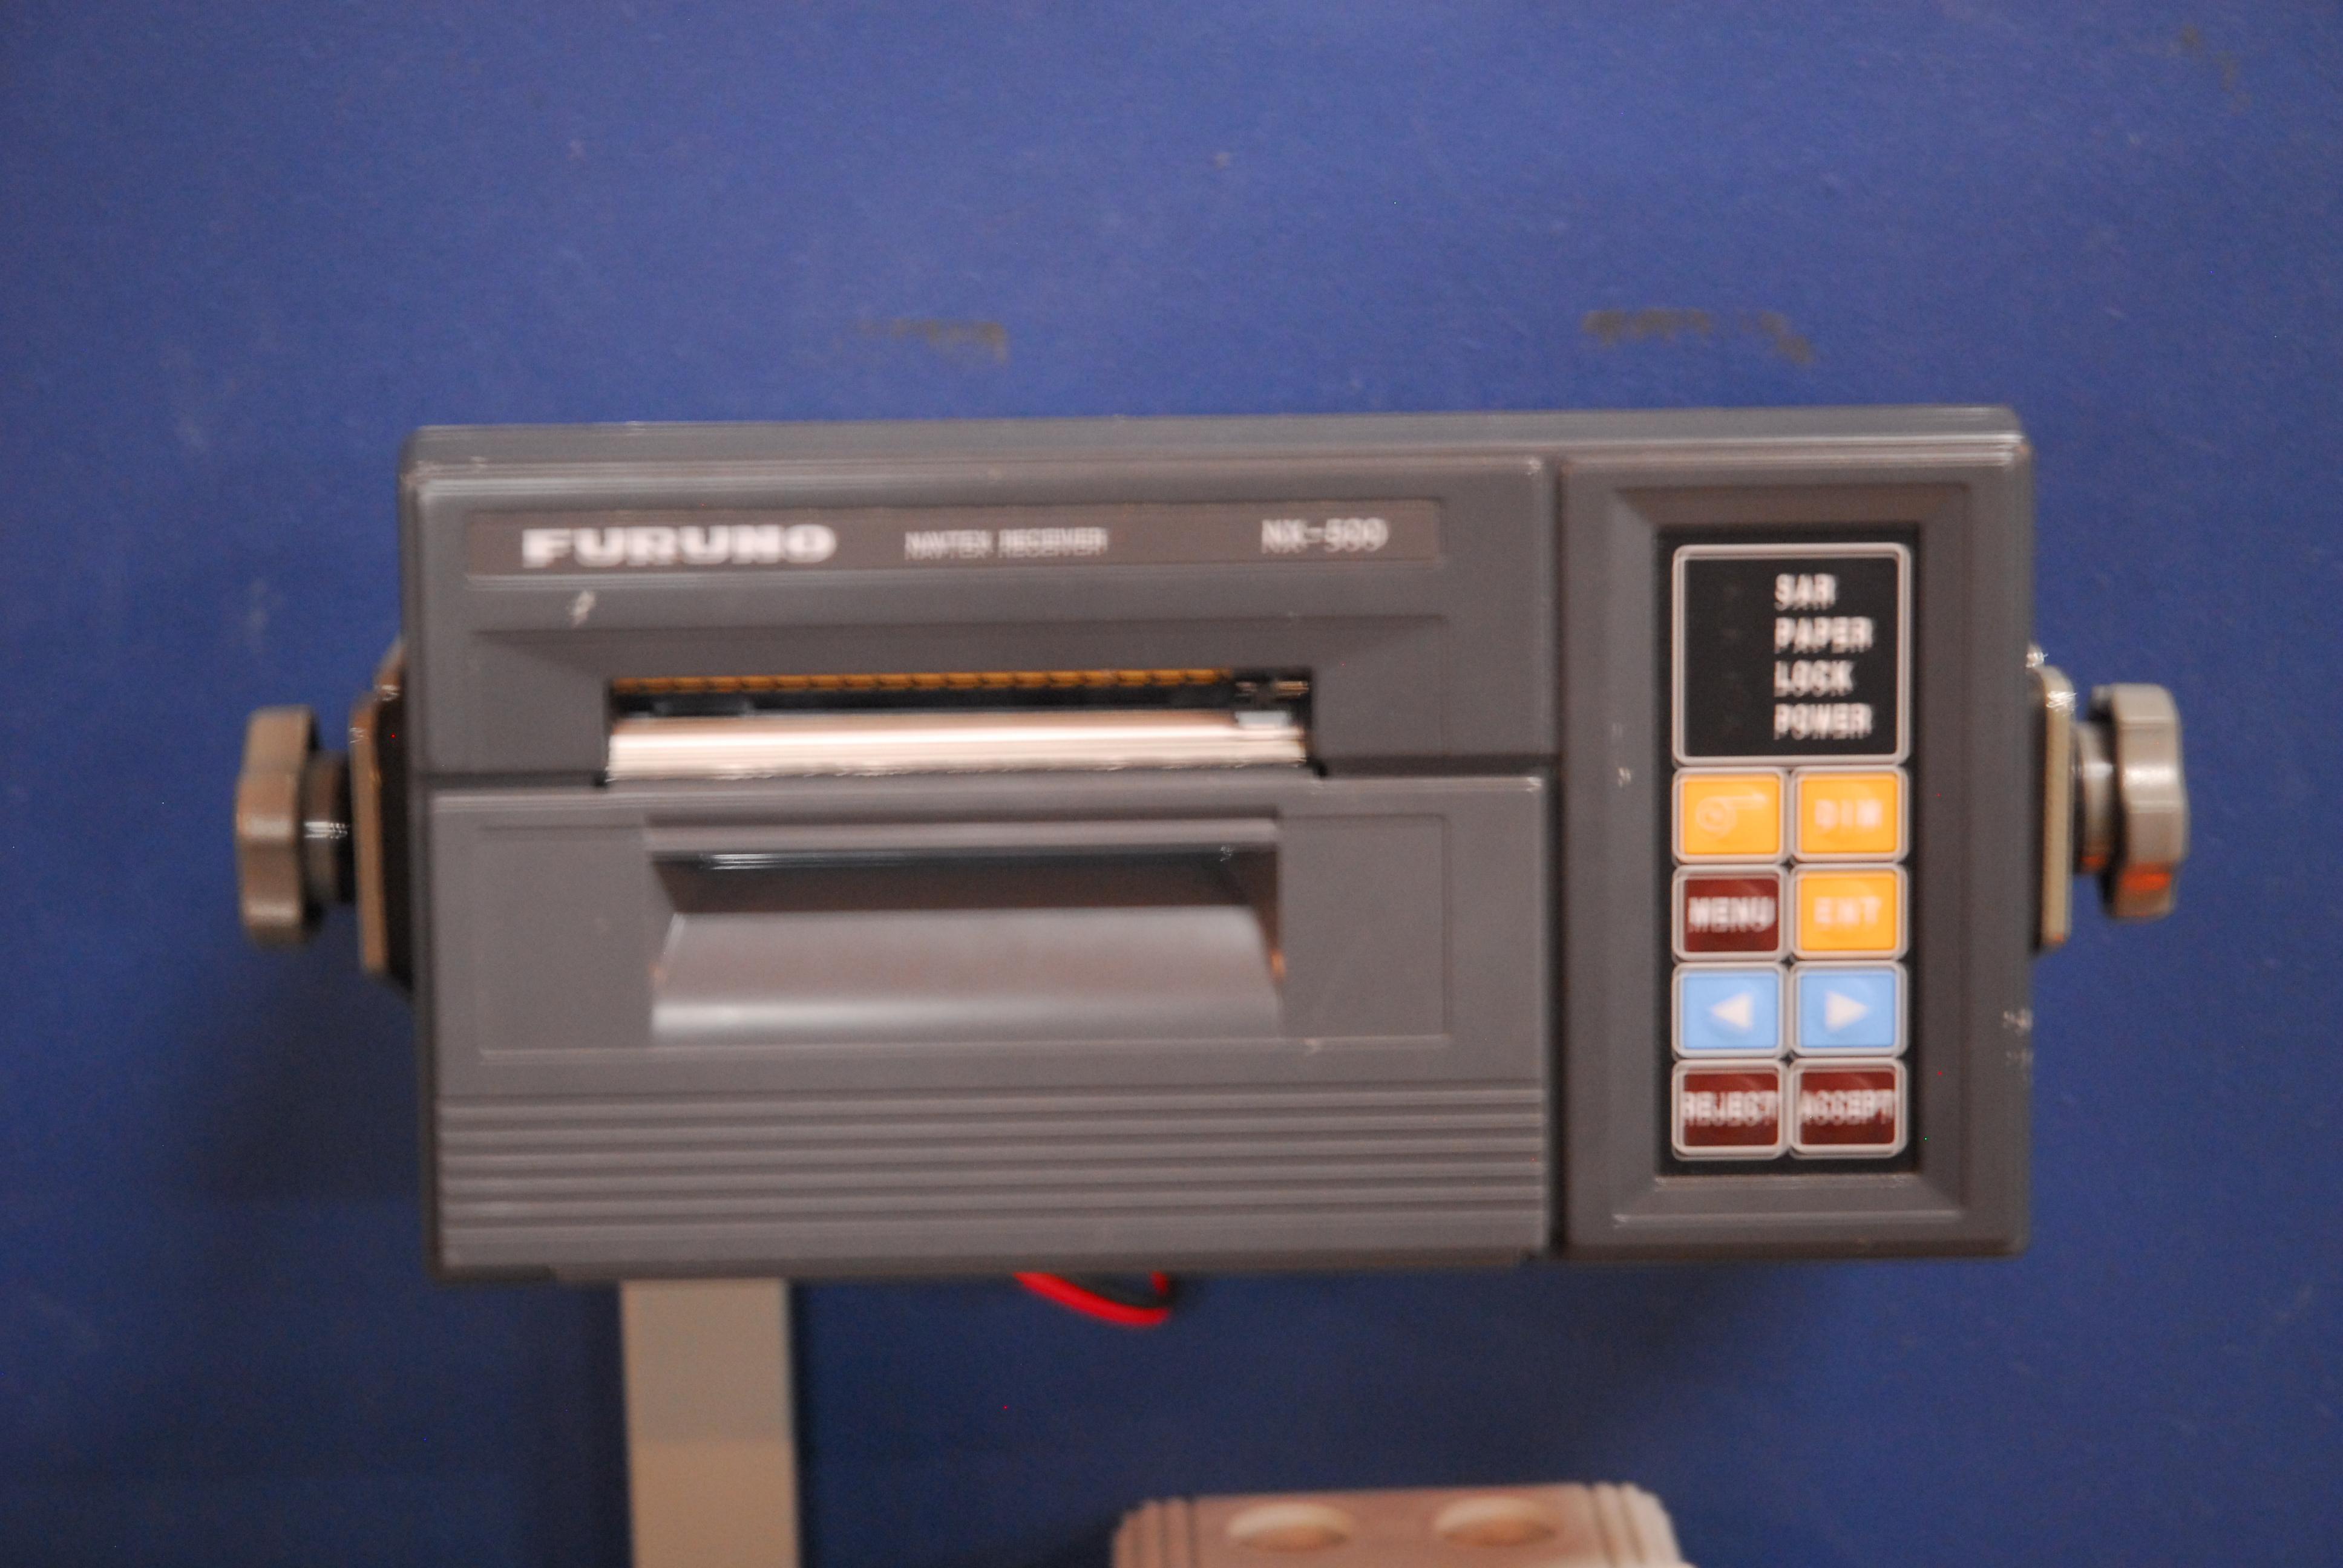 navtex ontvanger, model NX-500, serienr. 8522-8126